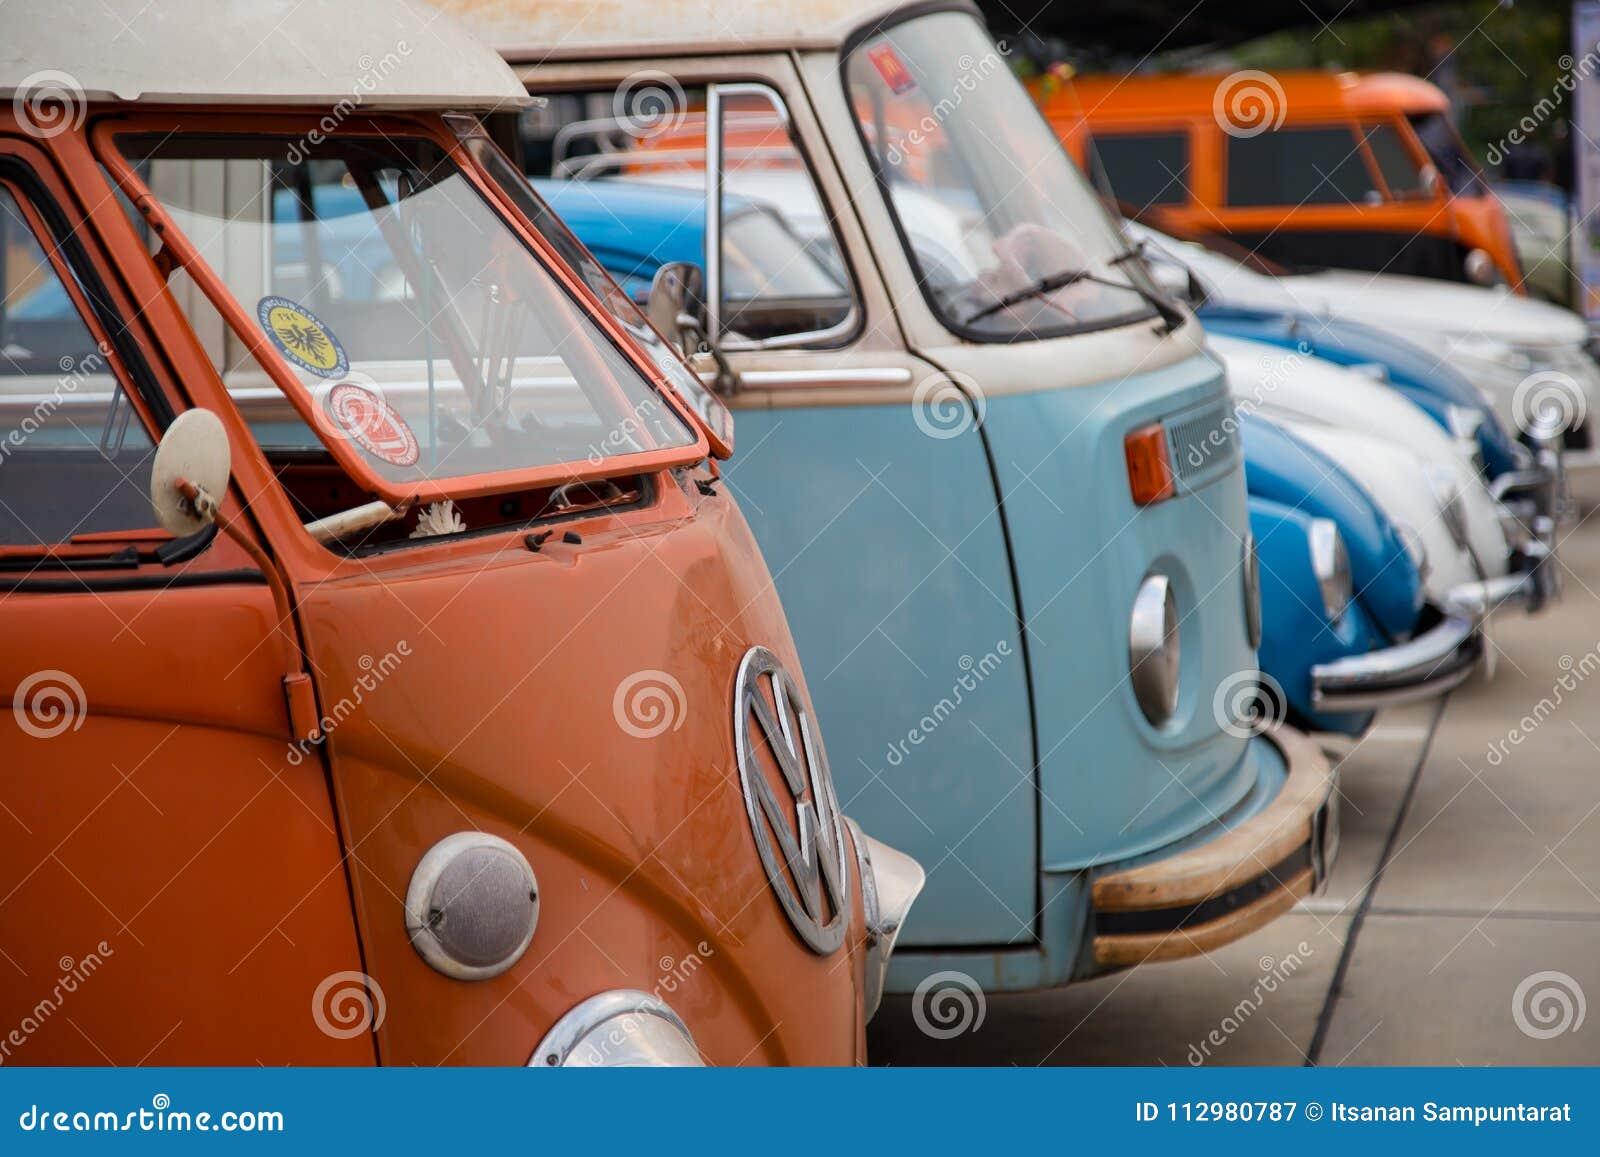 Volkswagen owners gathering in club meeting